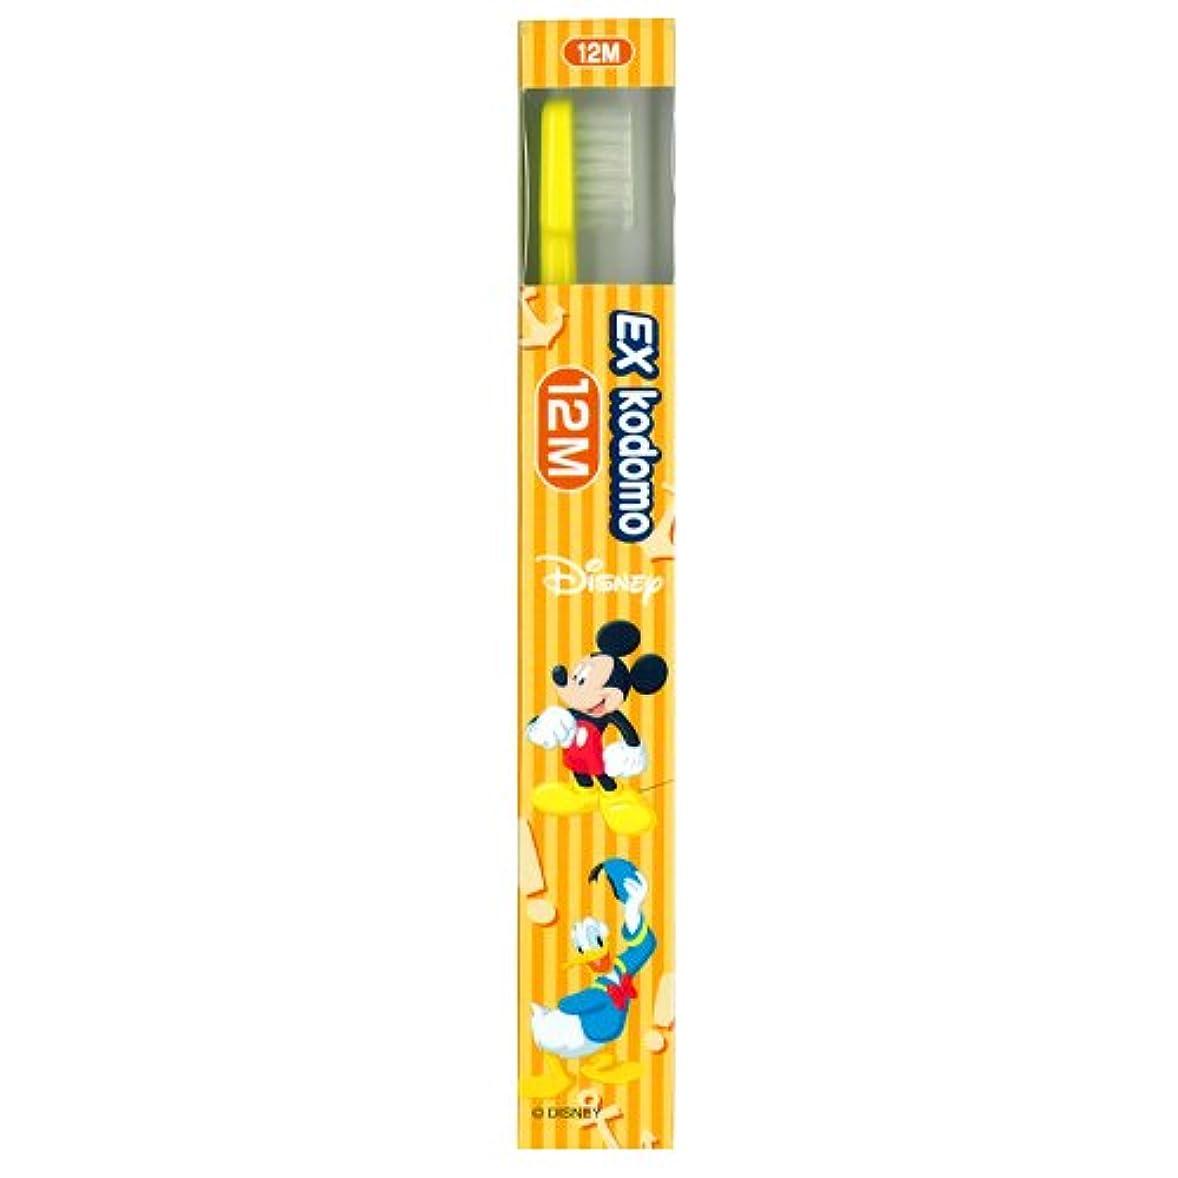 融合宝石コードレスライオン EX kodomo ディズニー 歯ブラシ 1本 12M イエロー